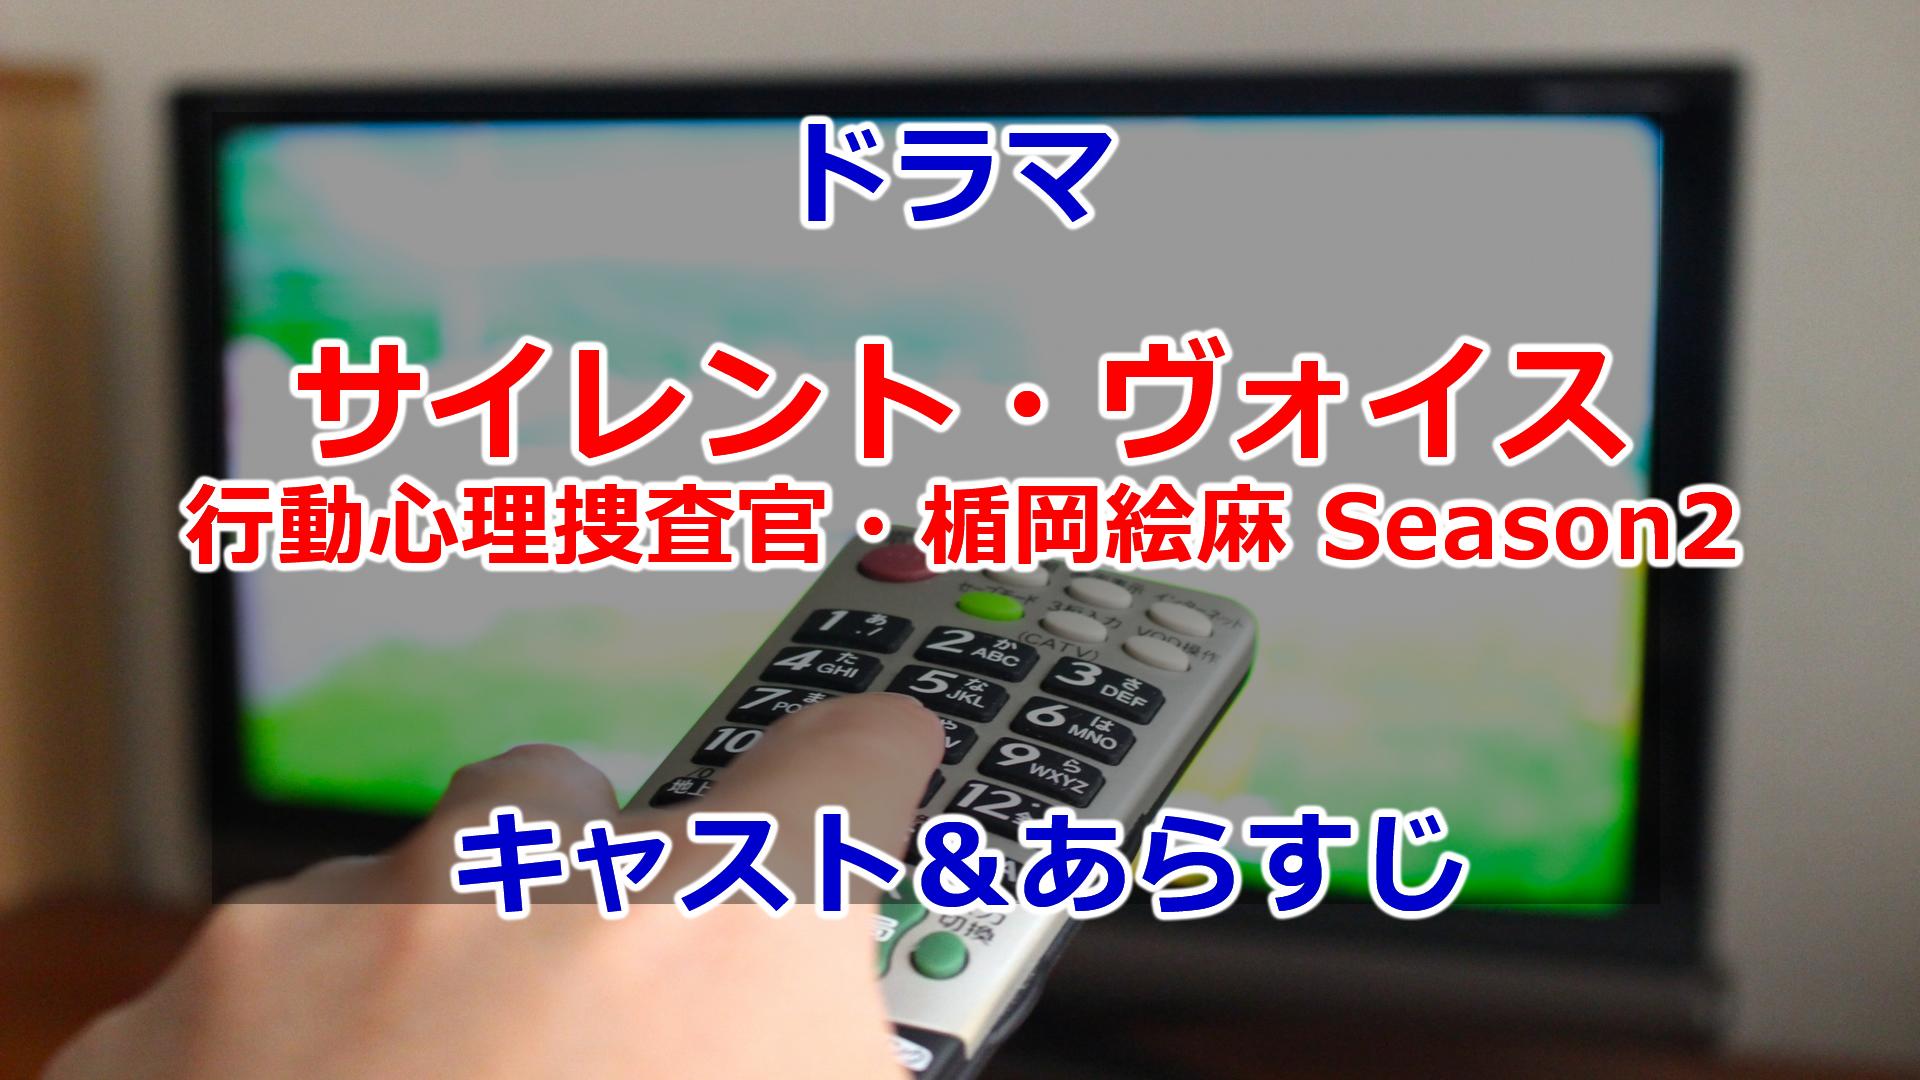 2020春ドラマサイレントヴォイス行動心理捜査官・楯岡絵麻 Season2のキャストとあらすじ